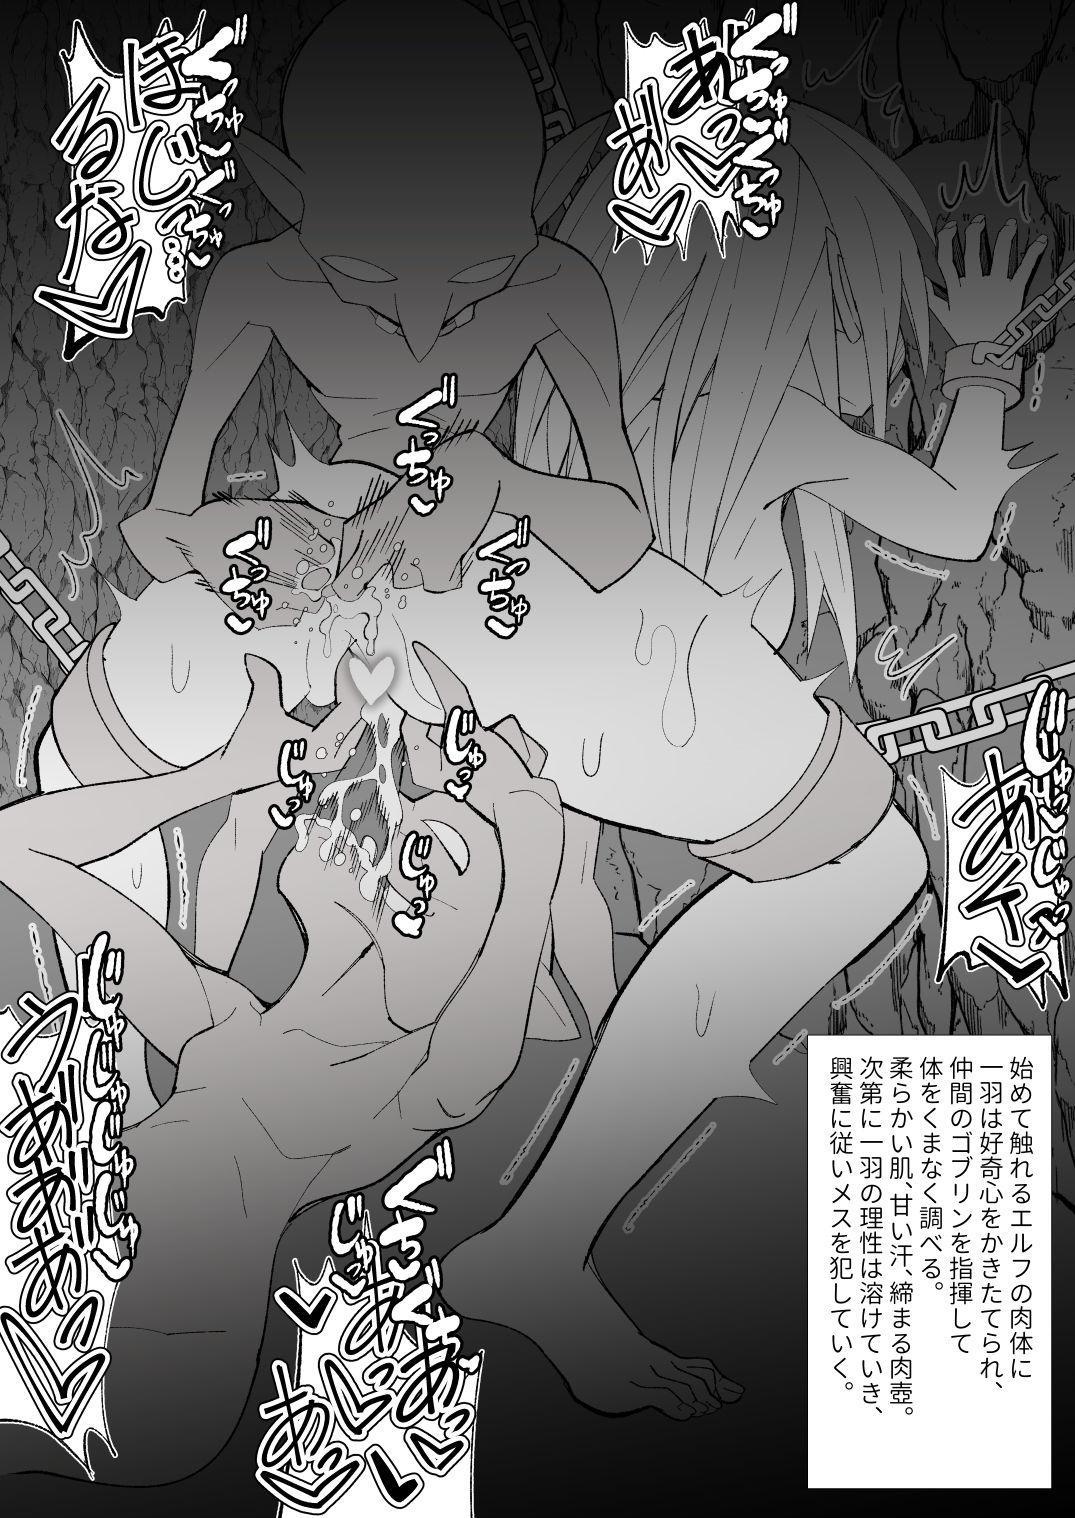 Ishu kan fūzoku-gai3 shokubutsu shokushu × rori 104